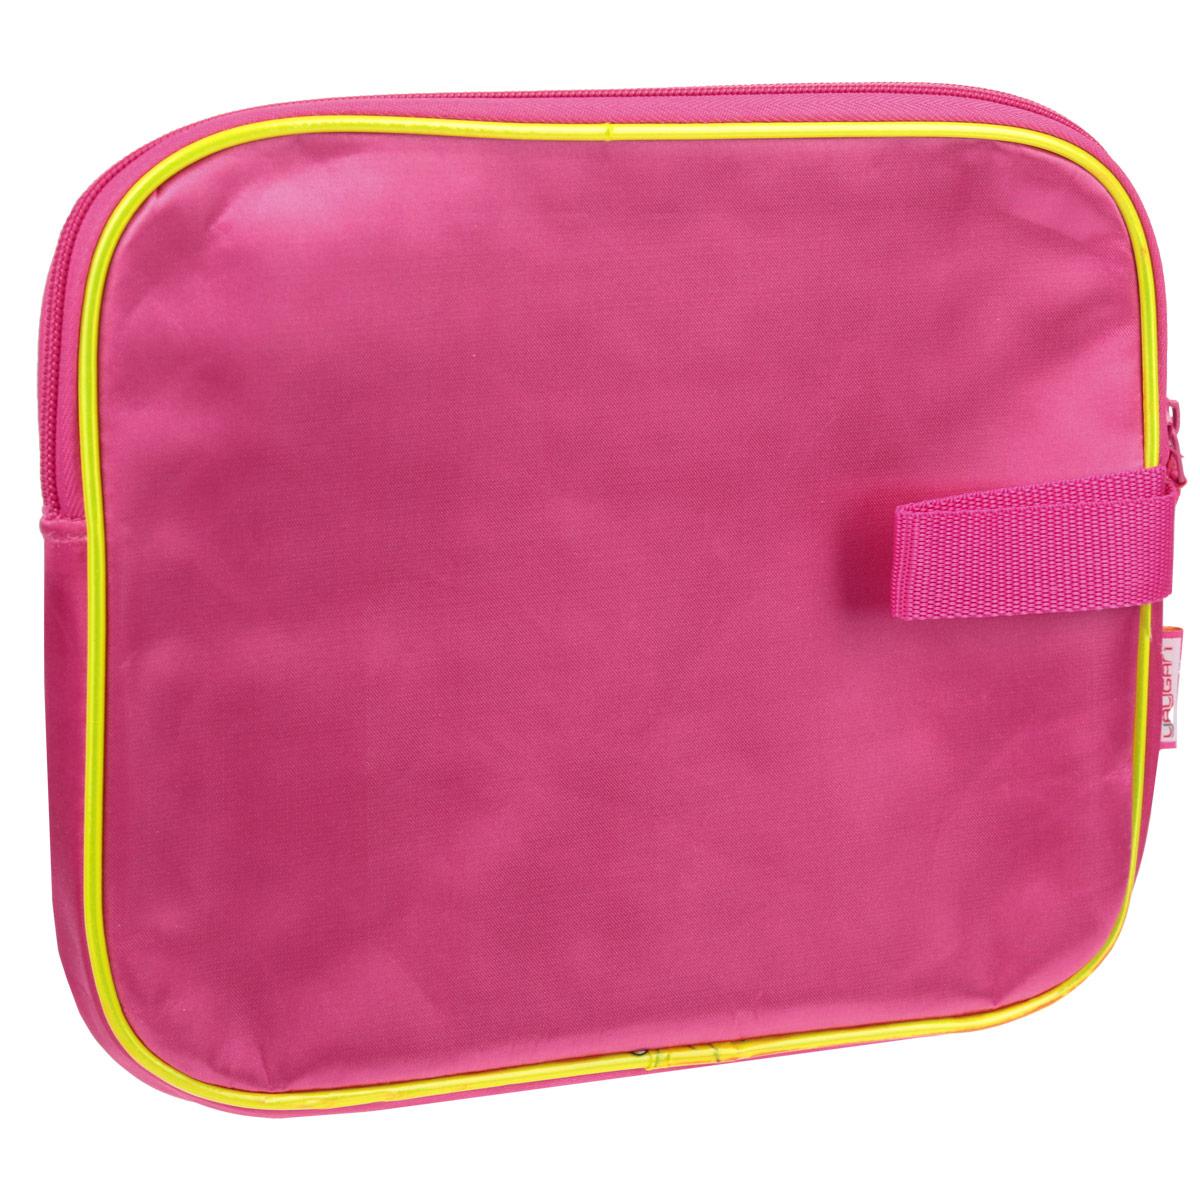 Стильный дизайн и неизменное качество исполнения сумочки для IPad Winx Club не оставят равнодушным ни вас, ни вашу малышку. Сумочка выполнена из качественного синтетического материала розового цвета и оформлена ярким изображением героинь мультсериала Winx Club. У сумочки есть небольшая ручка для удобного ношения и расположения в сумочке девочки.